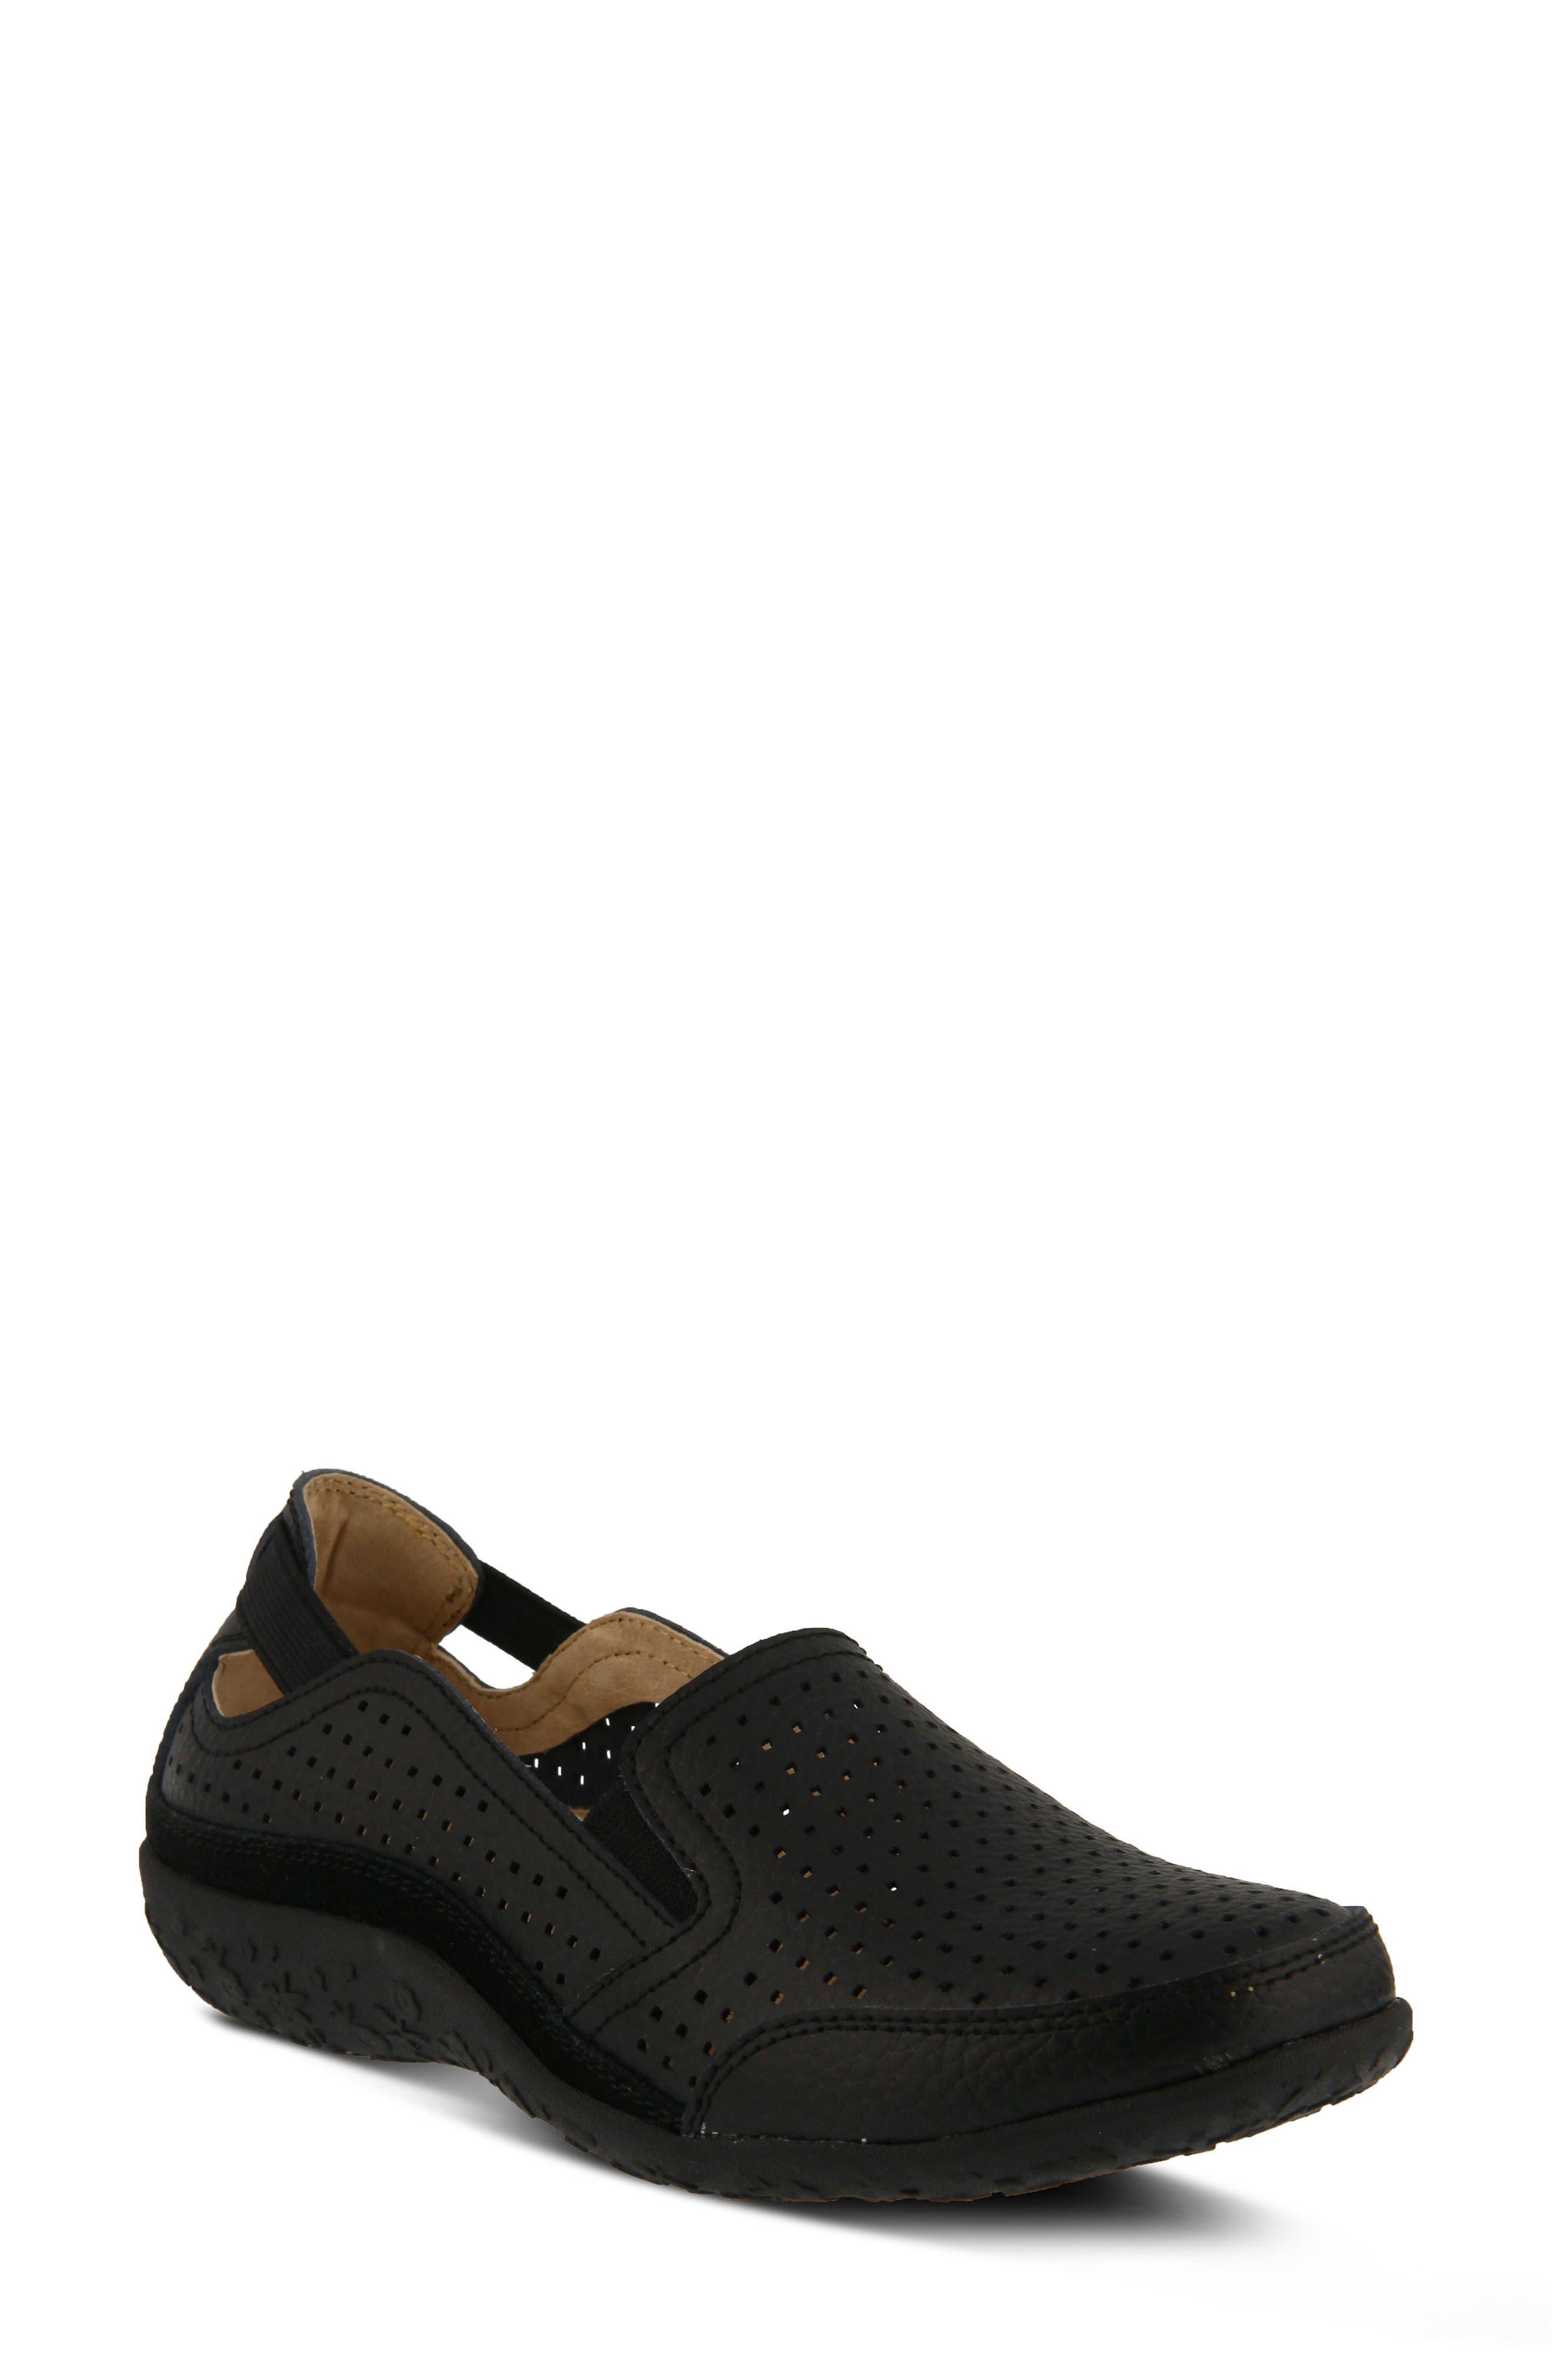 Juhi Loafer,                         Main,                         color, BLACK LEATHER